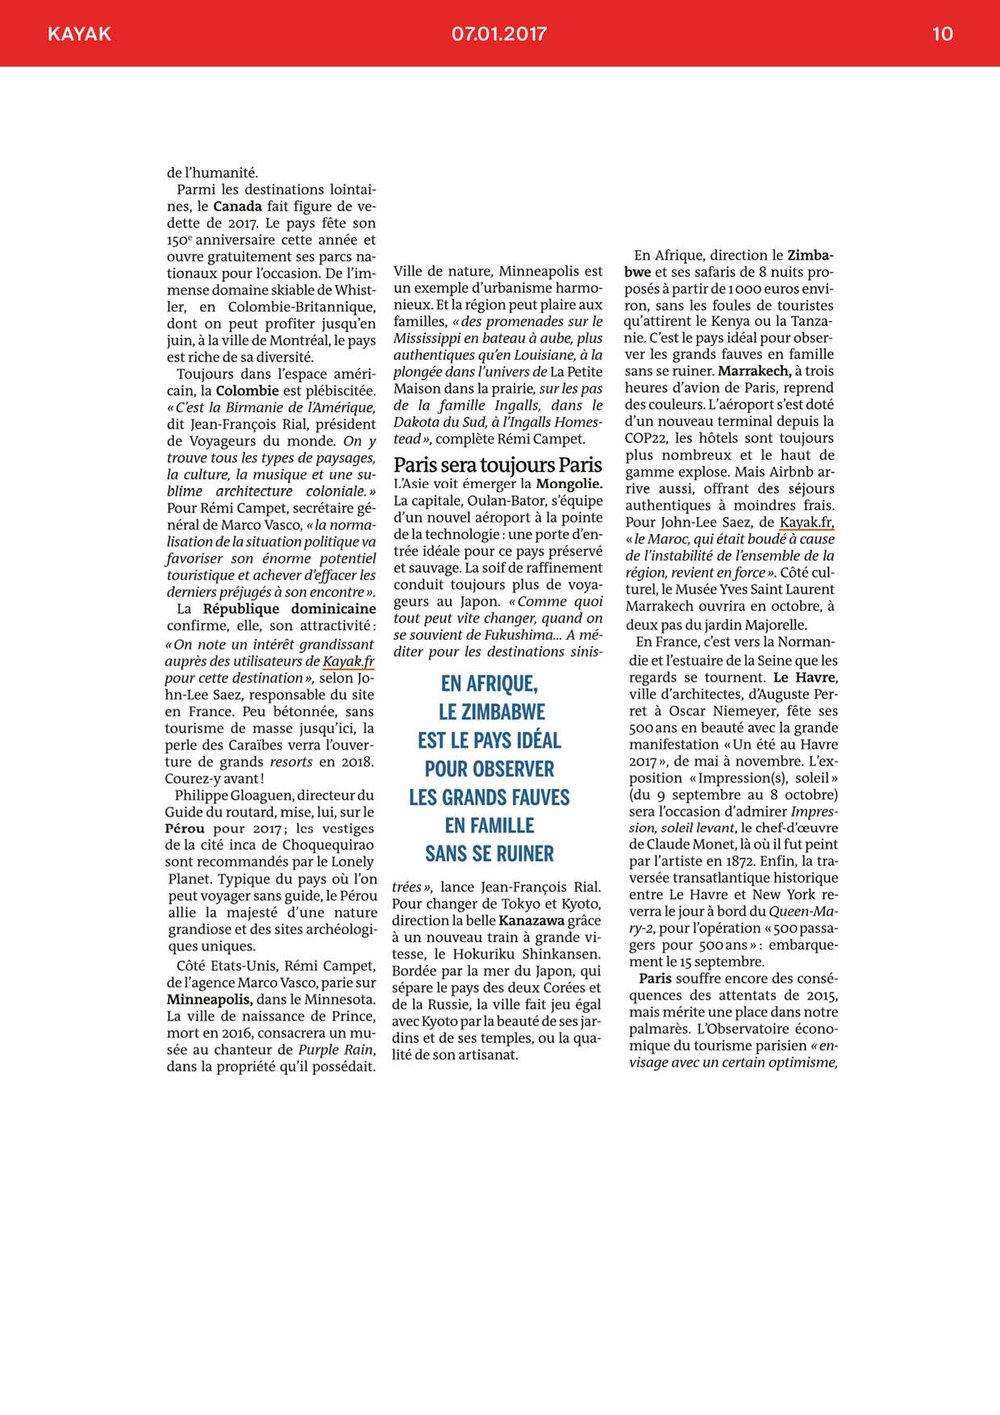 BOOKMEDIA_FEV_WEB10.jpg